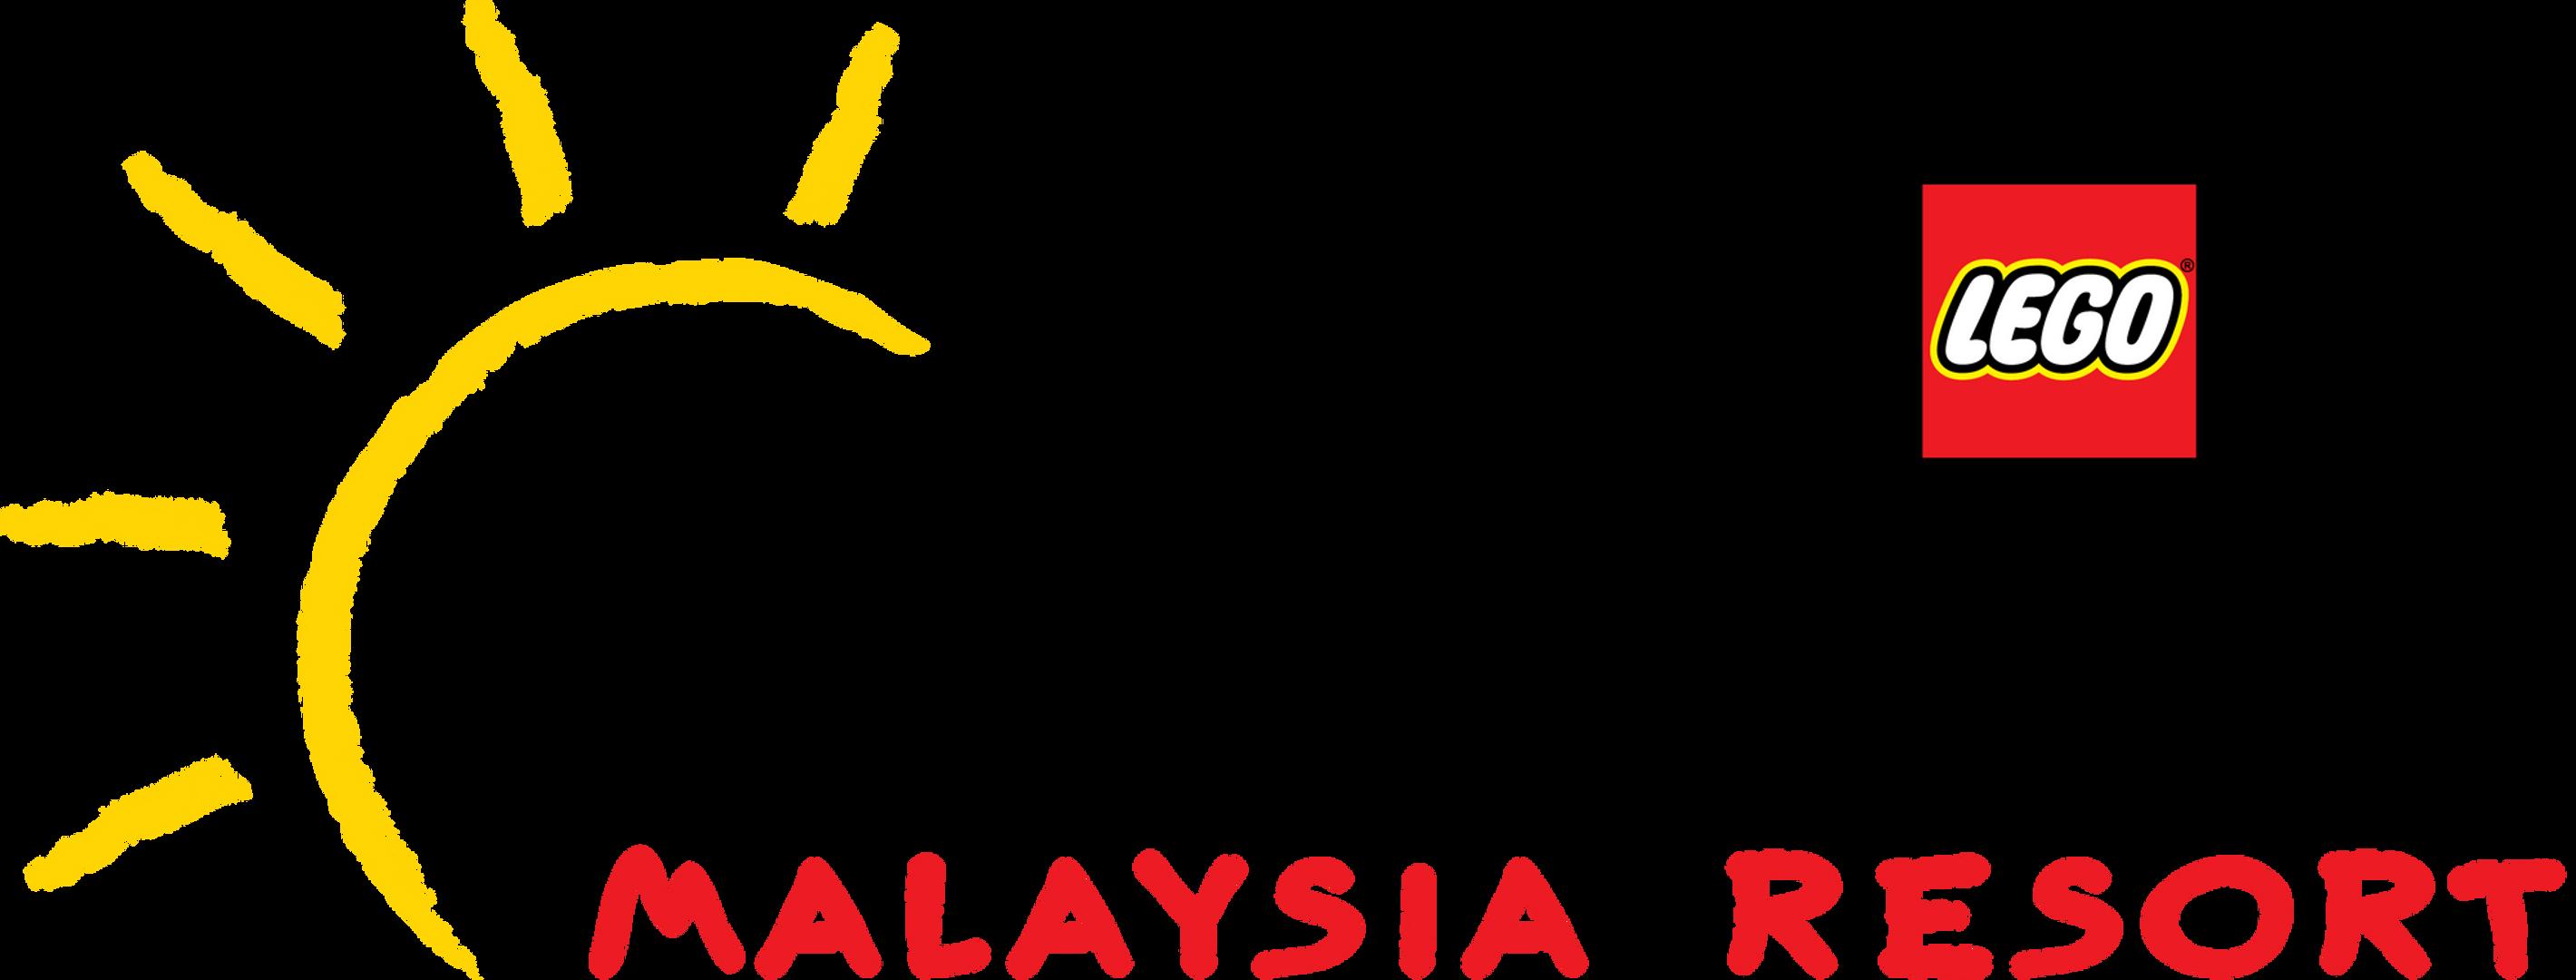 LEGOLAND_Malaysia_Resort_BkYR.png